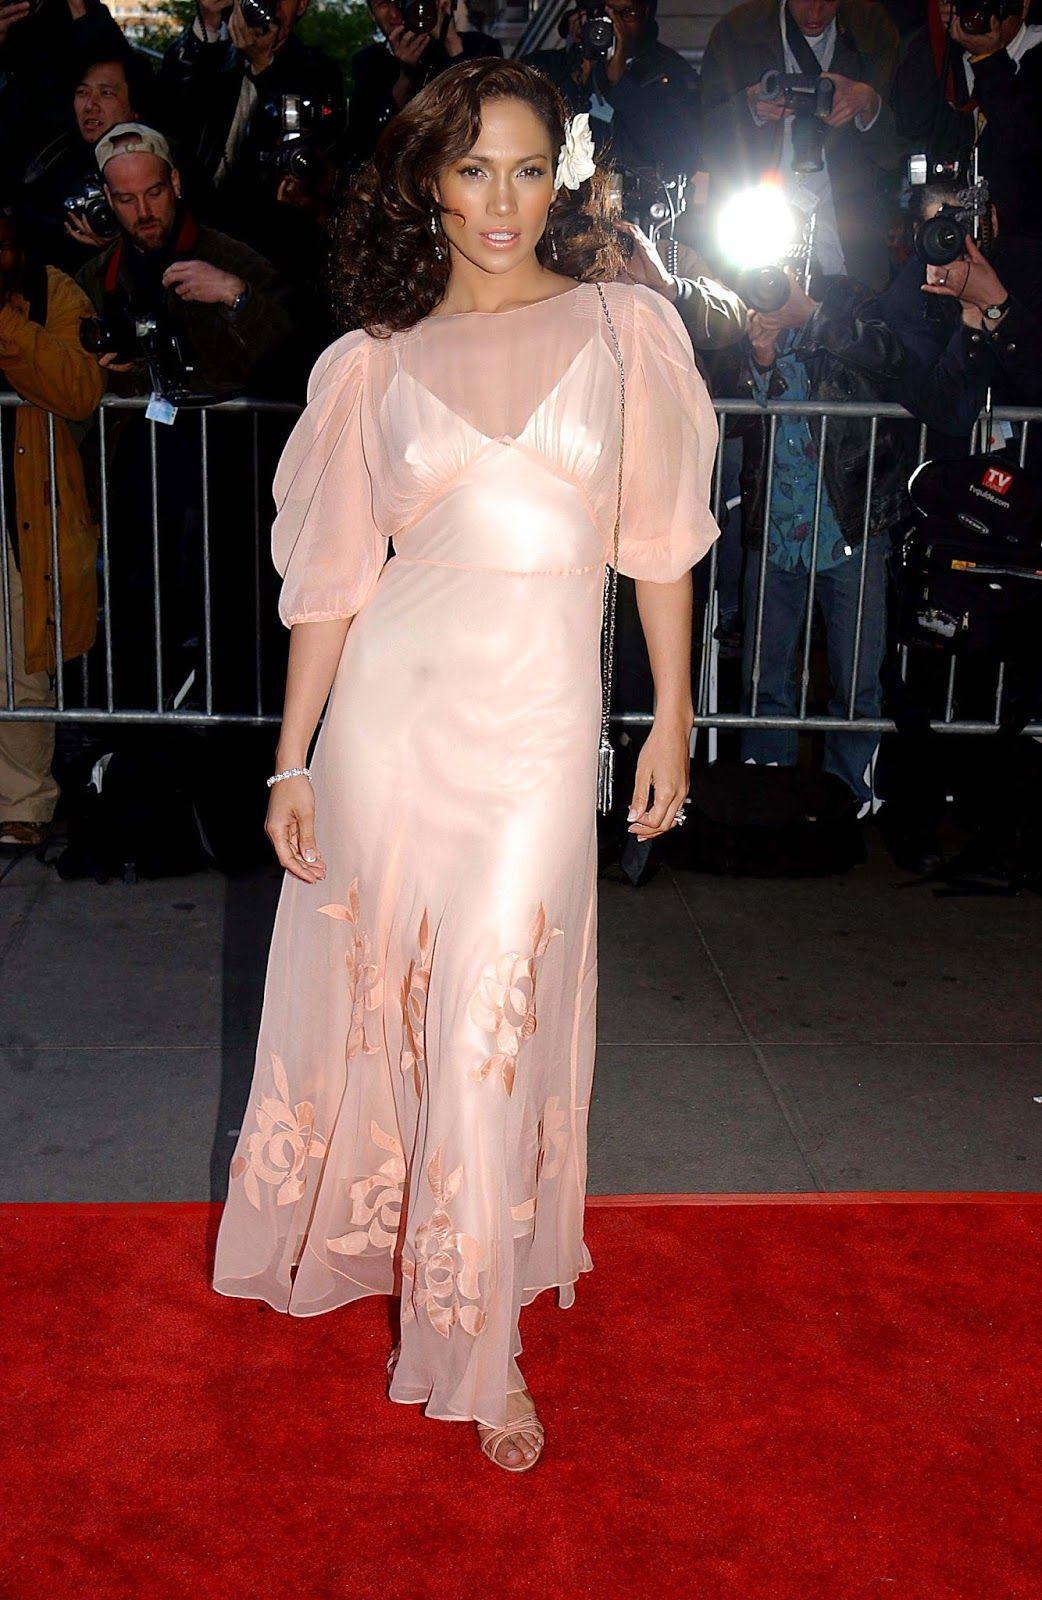 Jennifer lopez style enough premieremay 21 2002